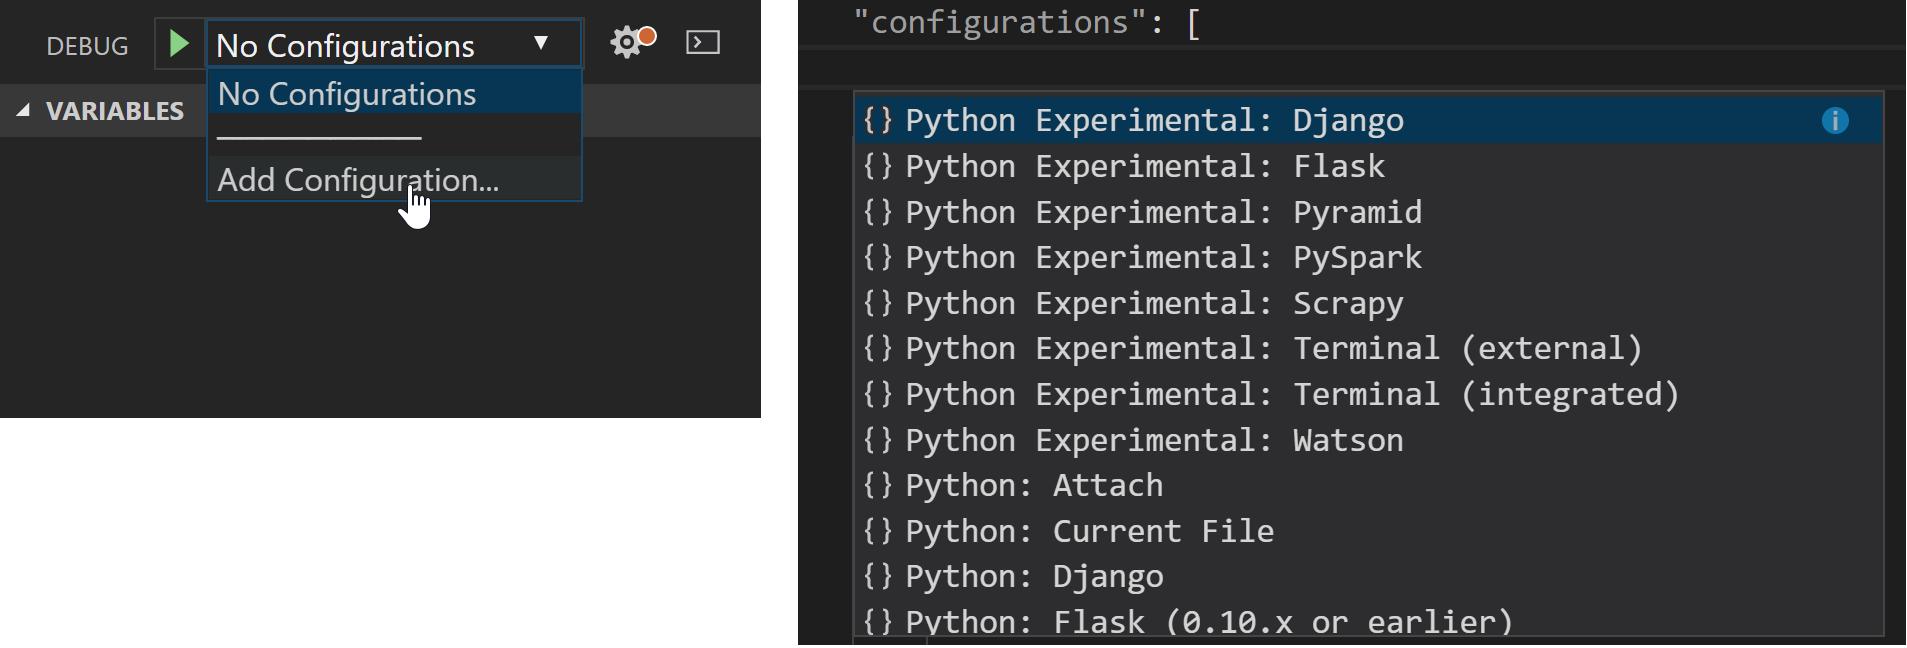 Python Unexpected Token Syntax Error in Visual Studio Code